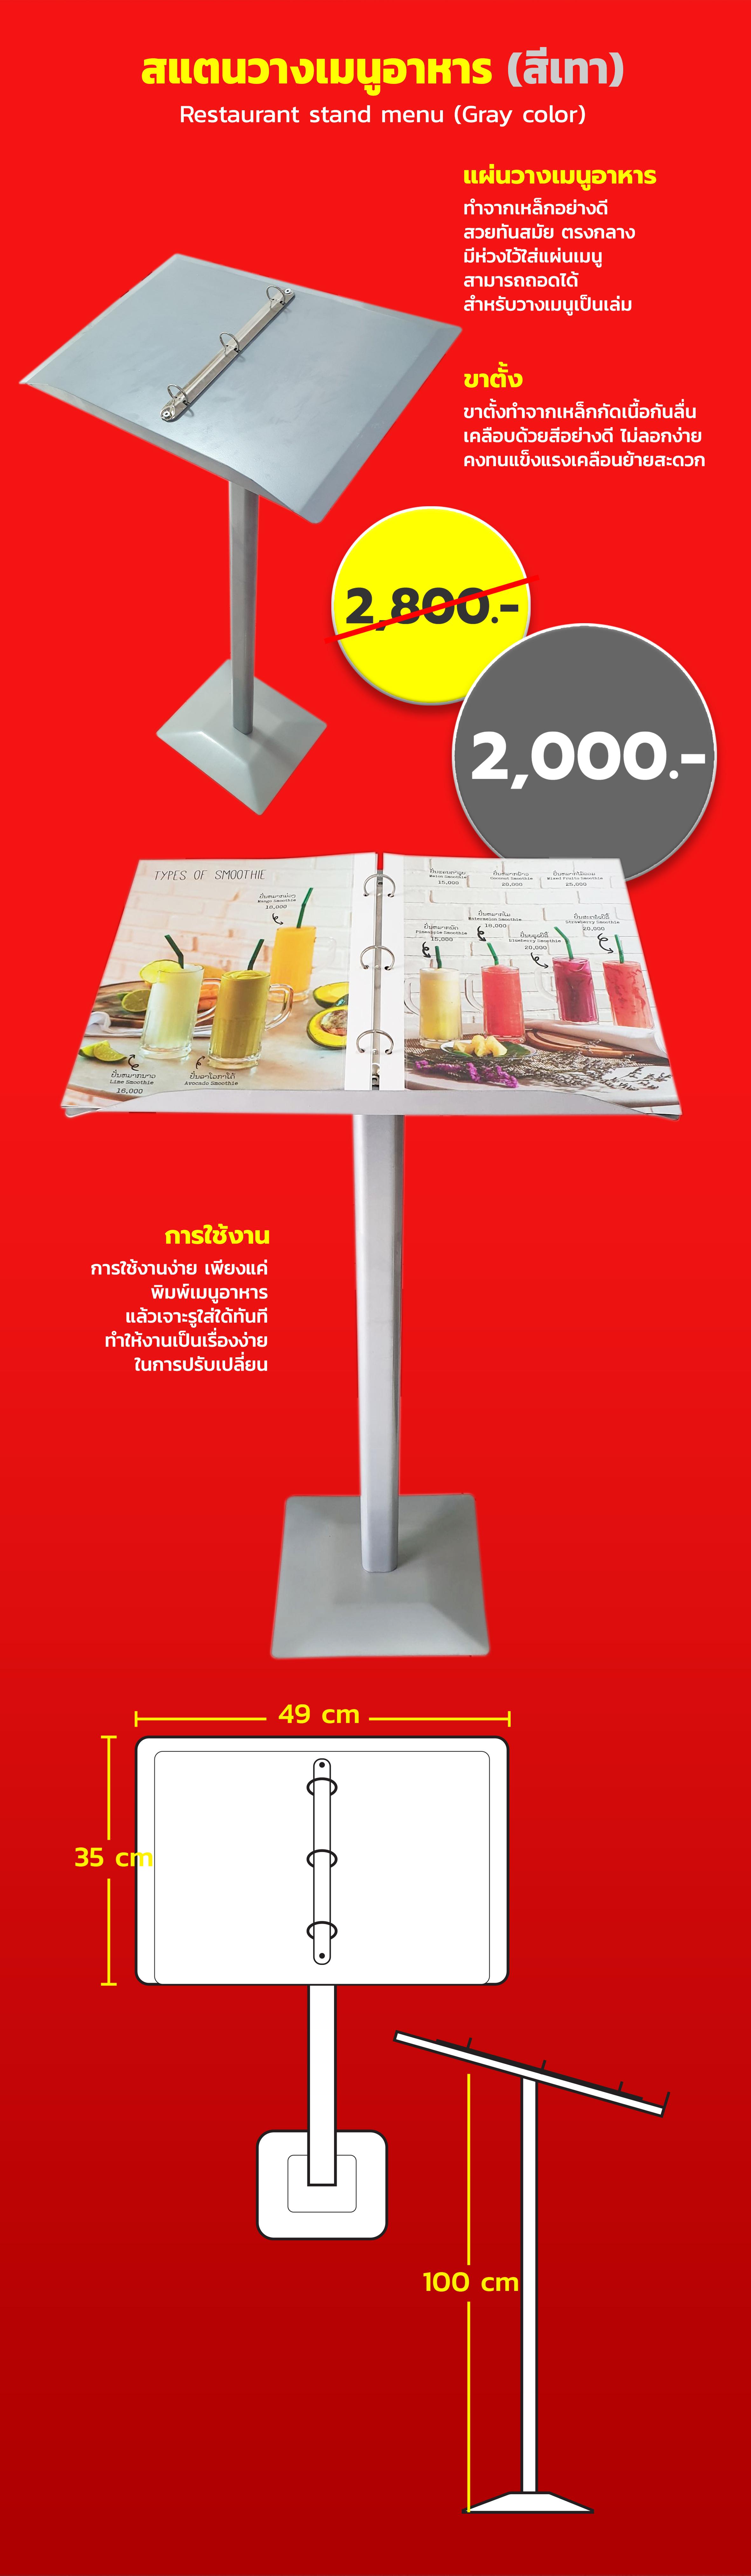 สแตนวางเมนูอาหารหน้าร้าน, Restaurant stand menu (Gray color), สแตนเมนูอาหารหน้าร้าน